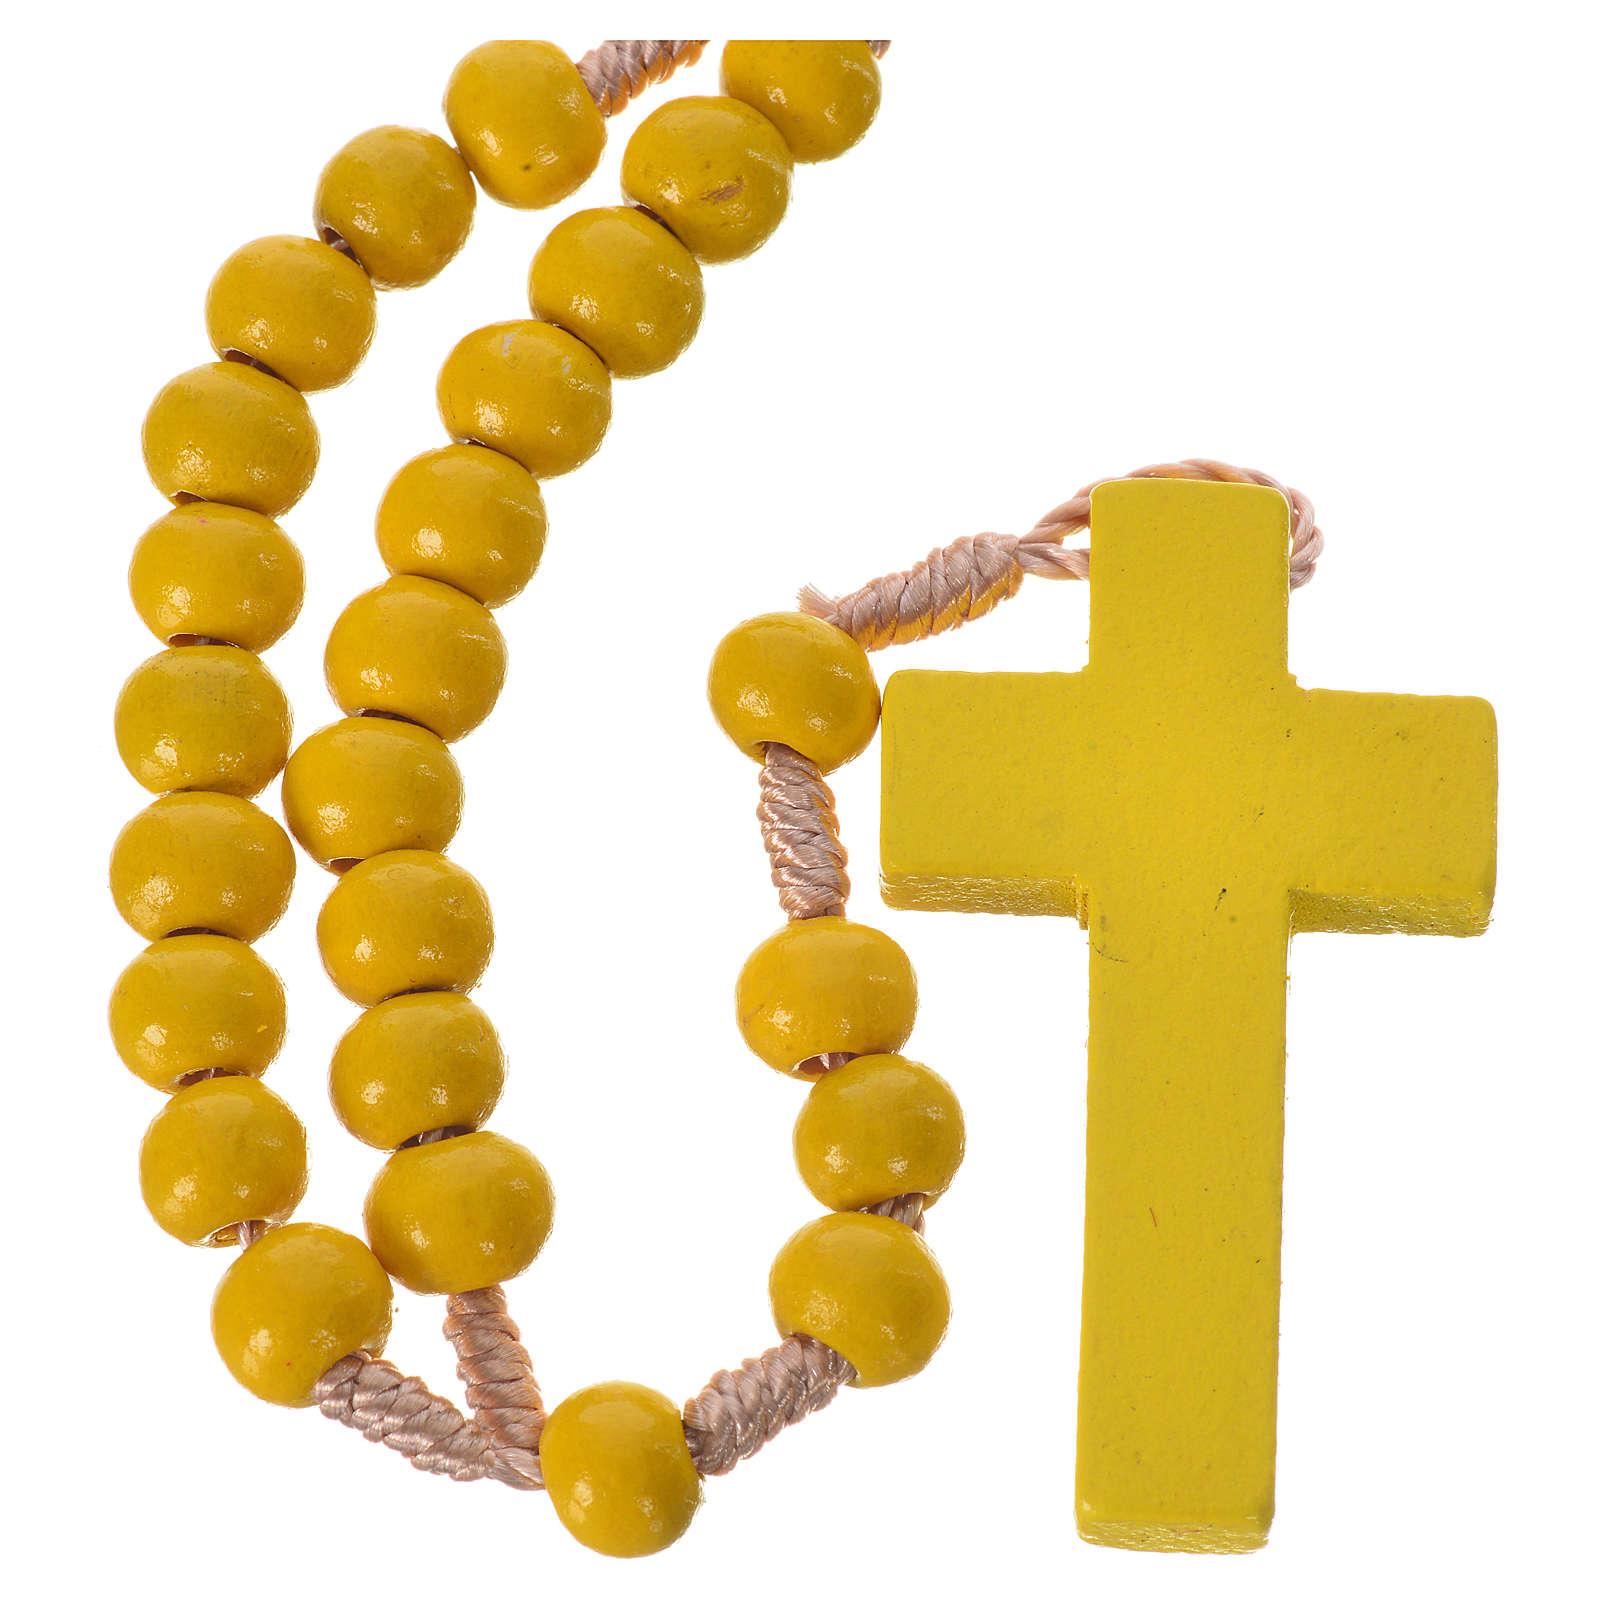 Rosario de madera amarilla 7 mm atadura seda 4